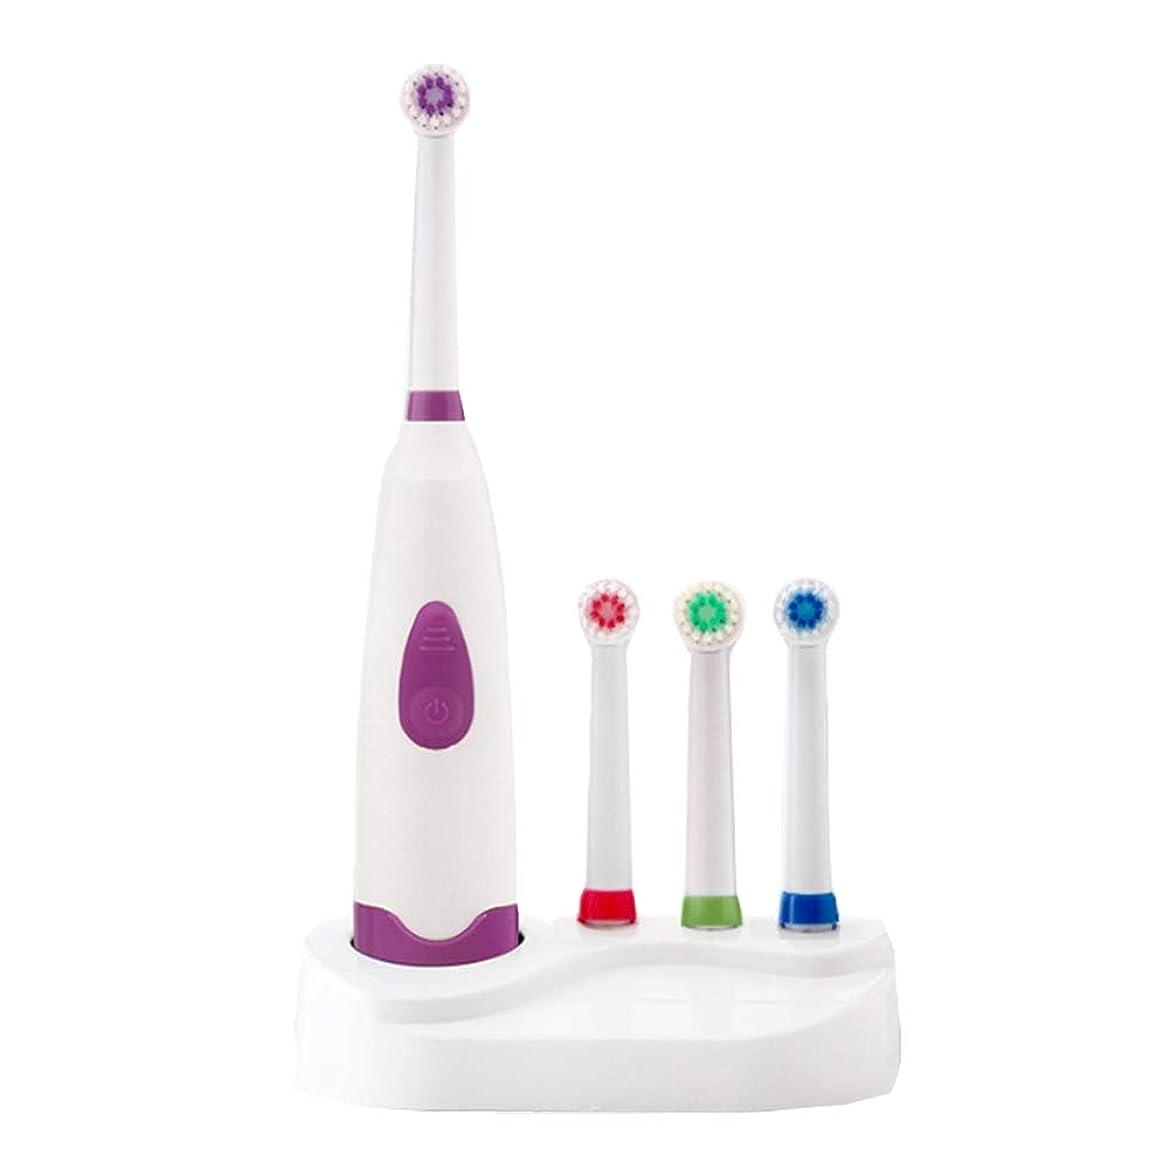 混乱ホイッスルビルダー自動電動歯ブラシIPX7防水超音波ロータリー歯ブラシ4ブラシヘッド大人子供電動歯ブラシ,Purple